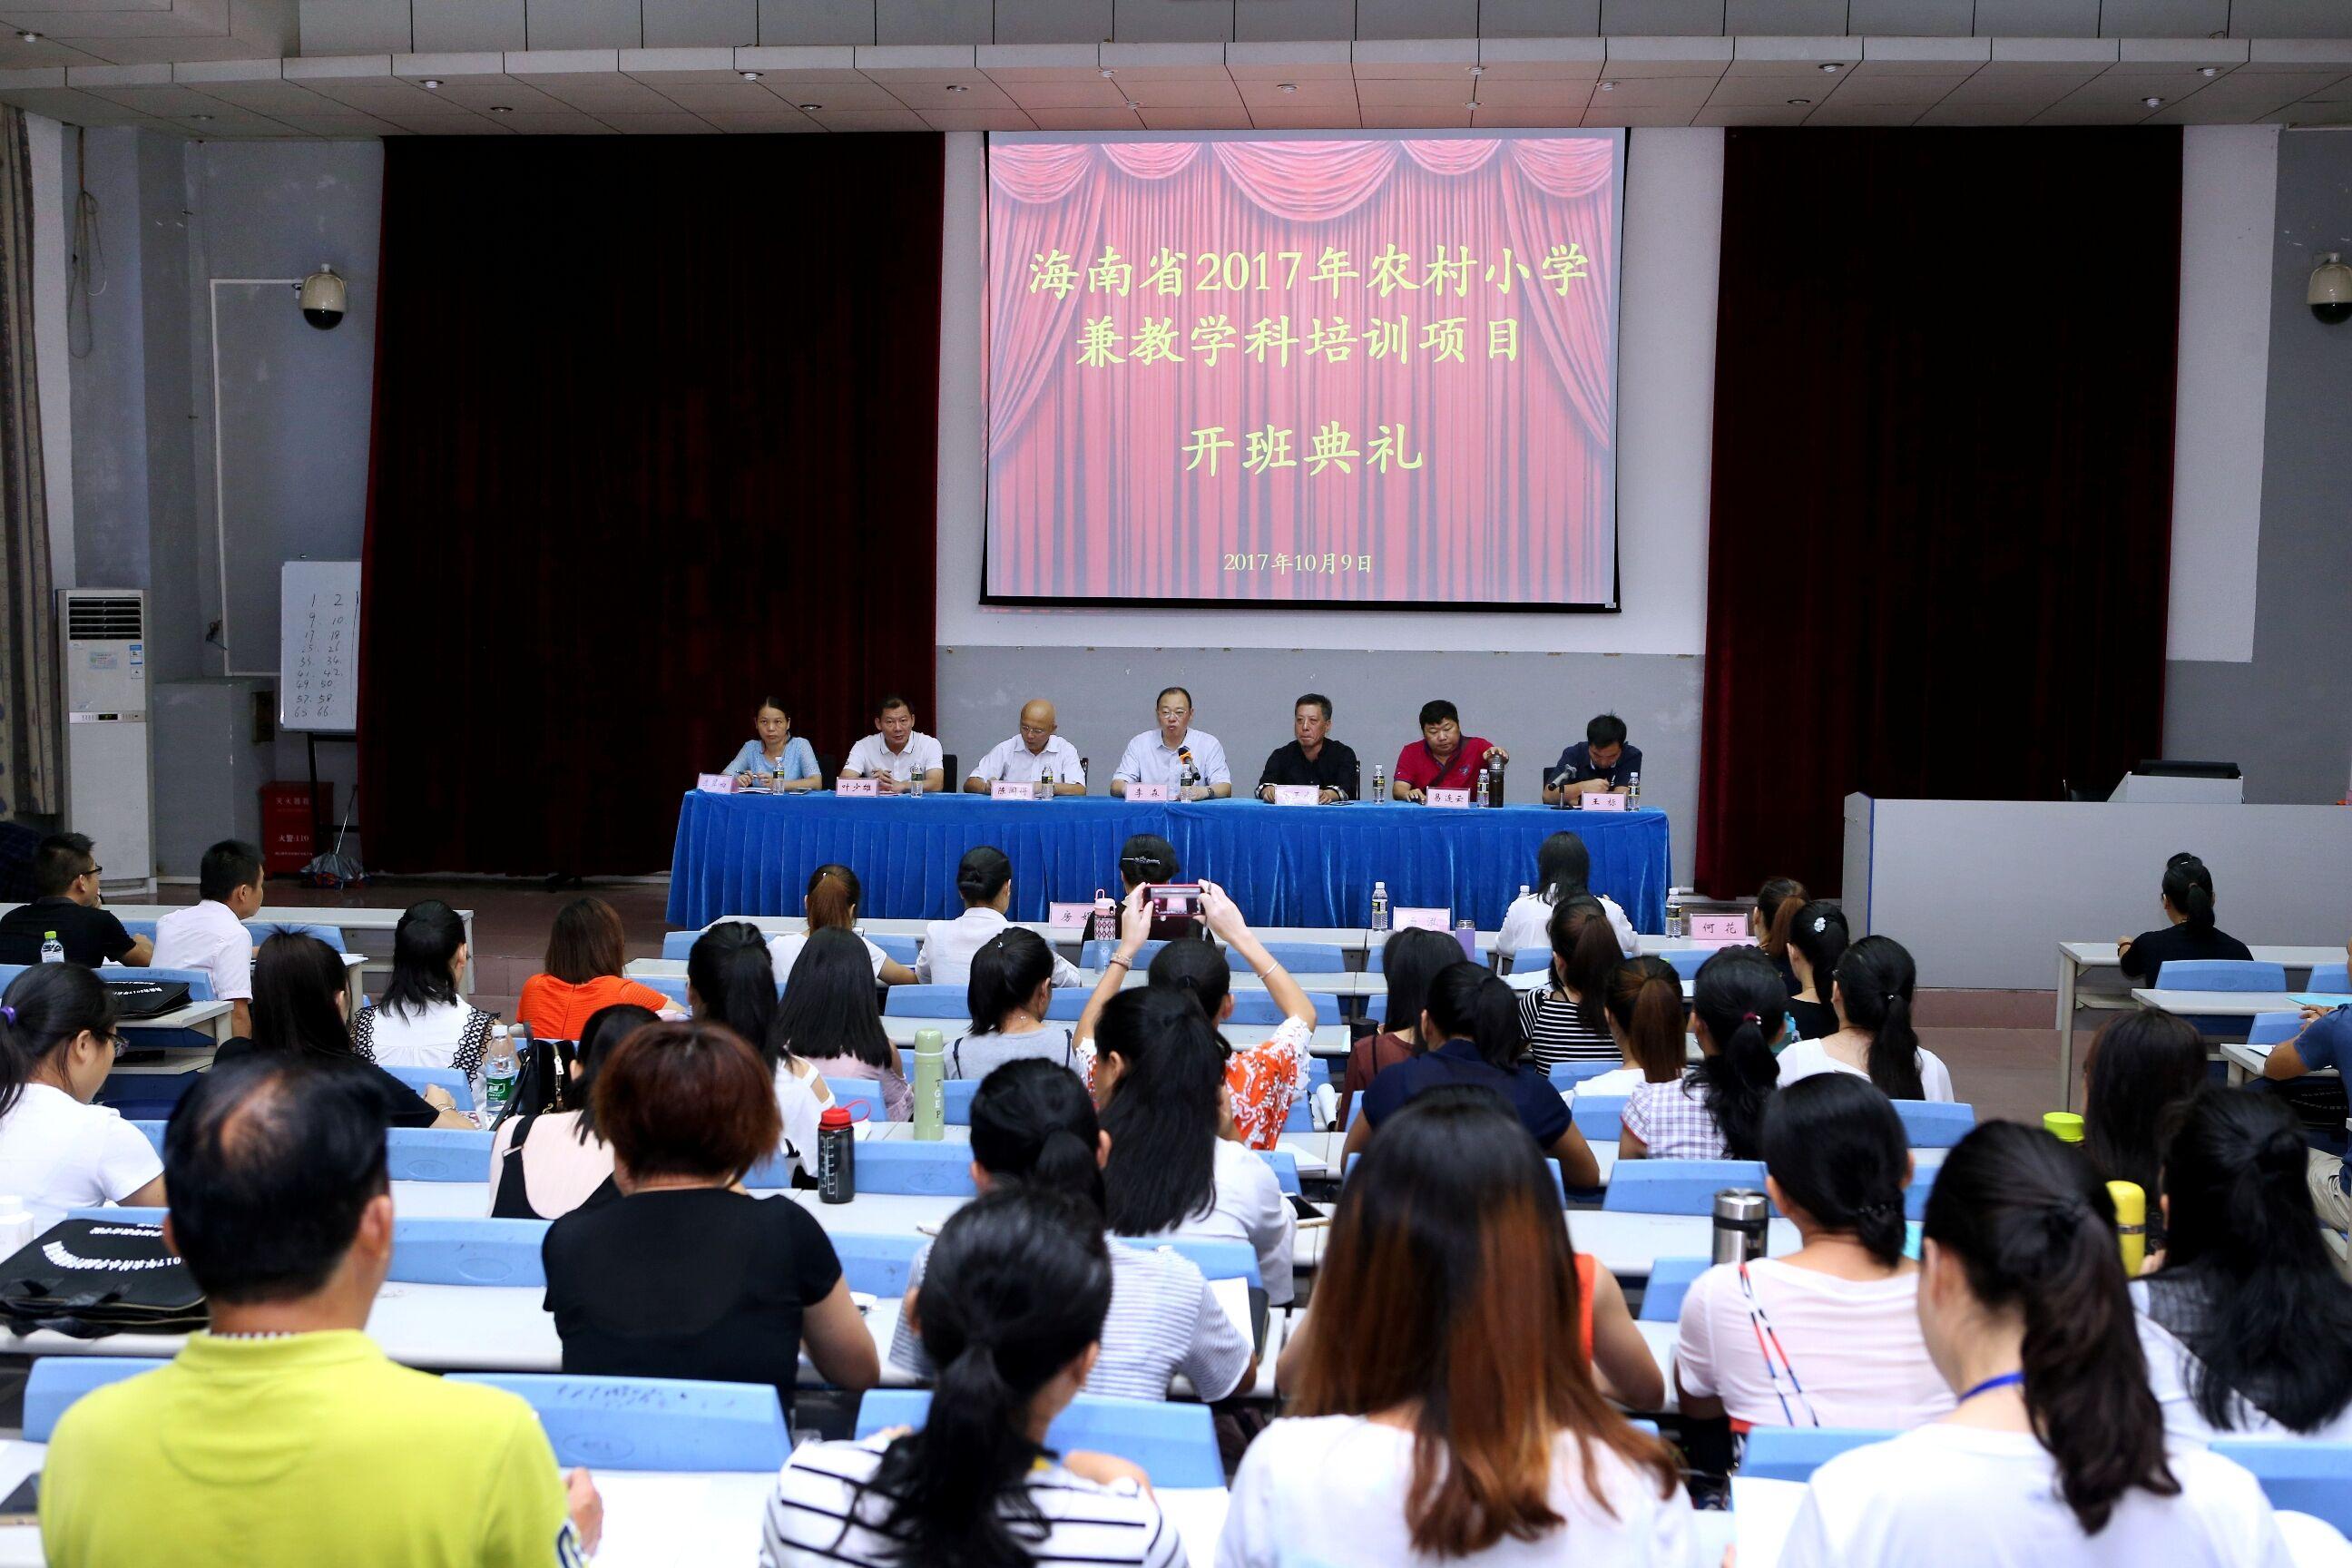 2017年海南省农村小学兼教学科教师培训项目在我校开班